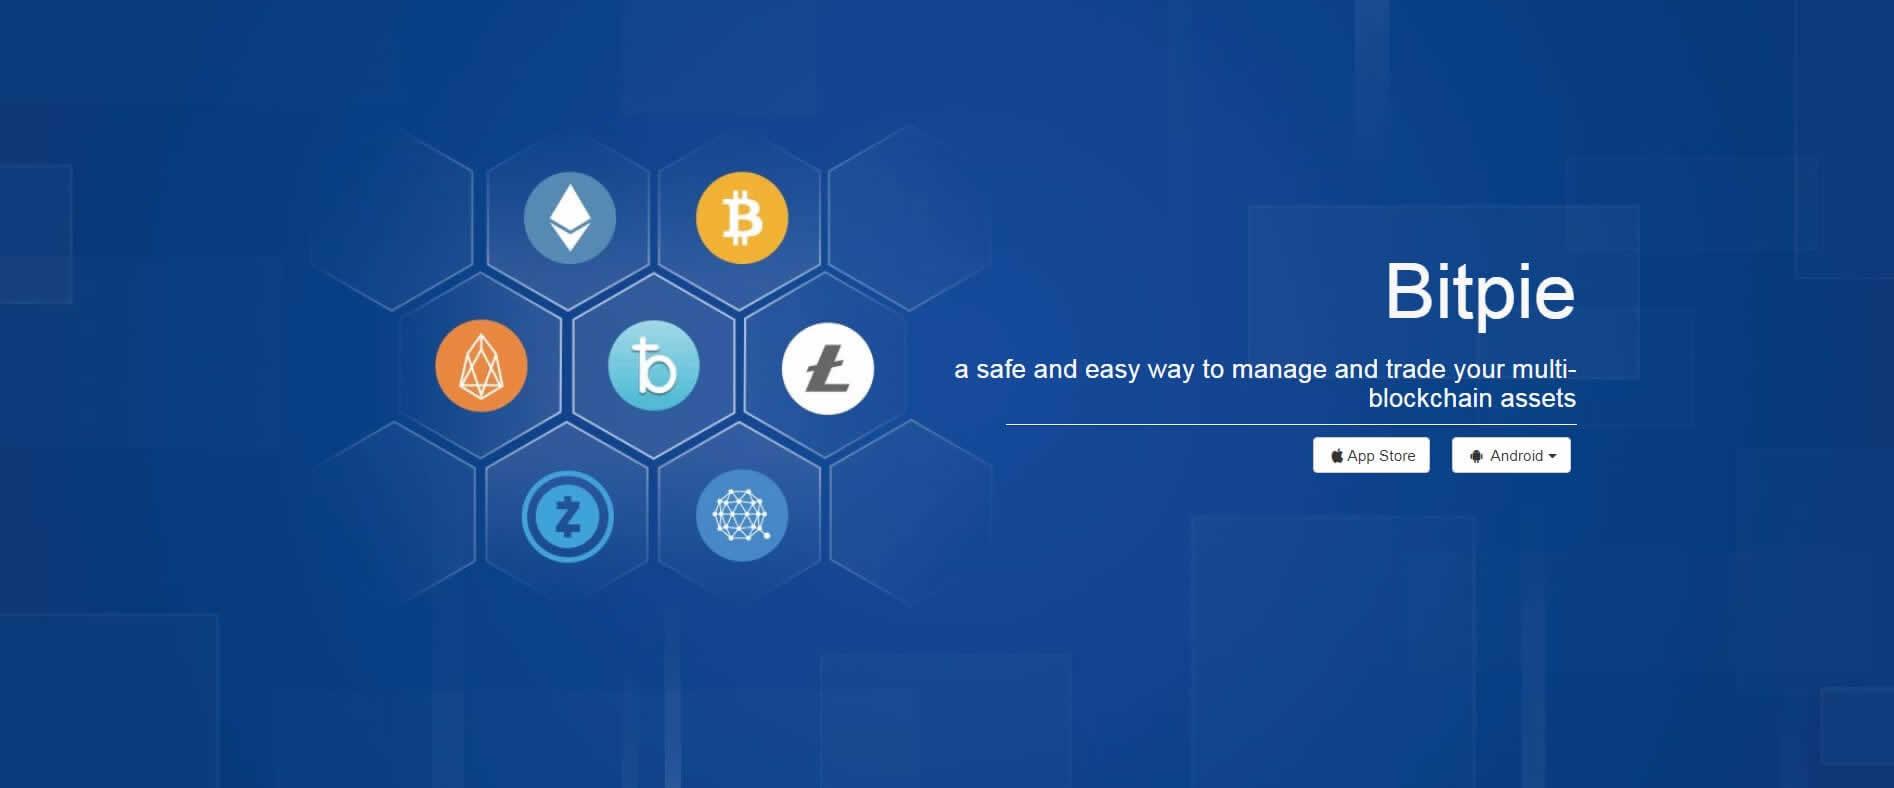 ウォレットアプリBitpie(ビットパイ)の特徴や使い方は?BITHD(ビットシールド)と組み合わせれば仮想通貨管理に死角なし!